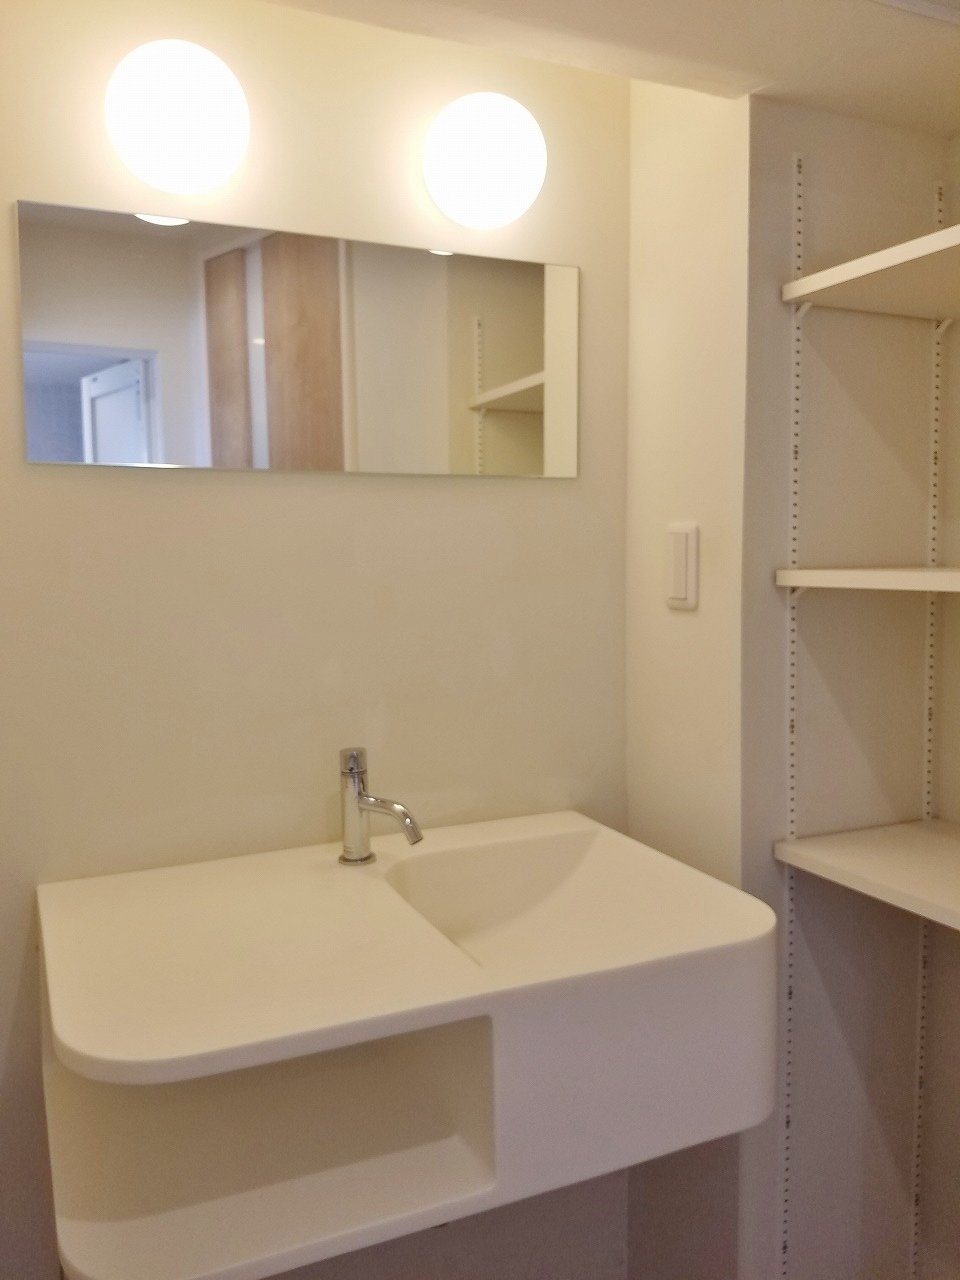 洗面台も少し変わった形。でも作業台と流しを兼ねていておしゃれですね。右側には棚もついているので、タオルなどはこちらに収納するといいでしょう。